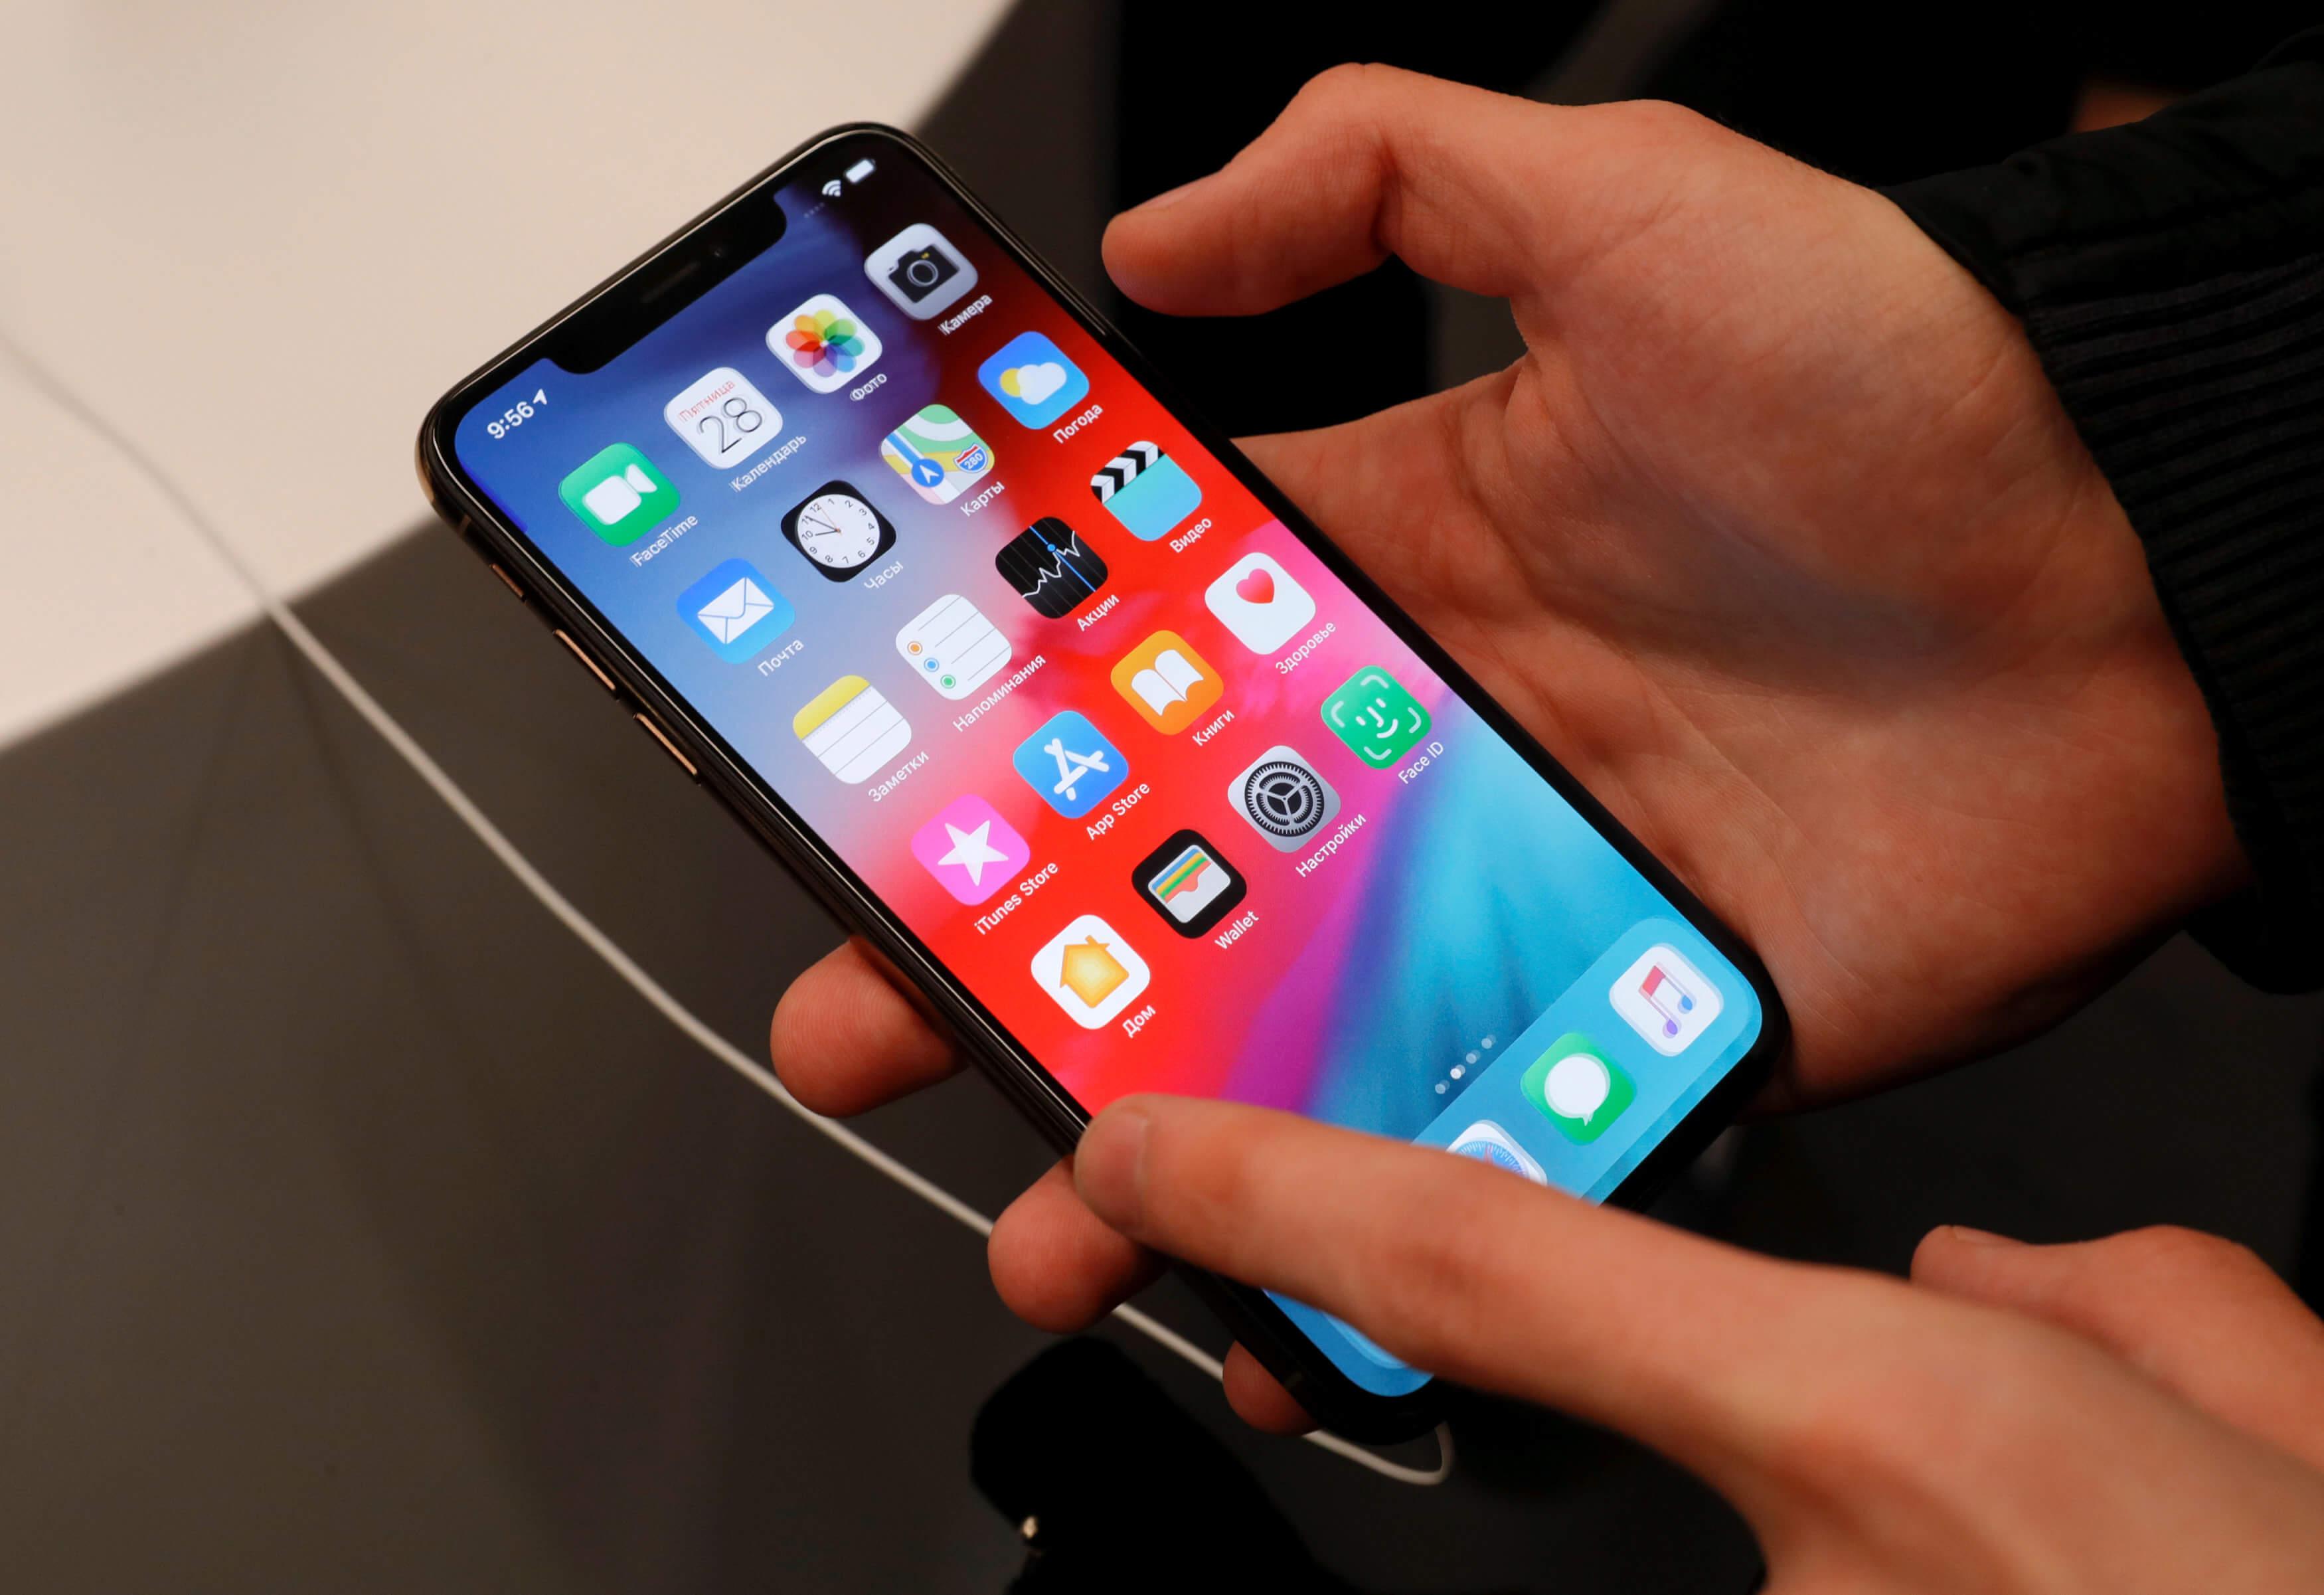 """Συναγερμός στην Apple: """"Τρέχει"""" να διορθώσει λάθος στο FaceTime για να… μην κρυφακούν οι χρήστες των iPhone"""